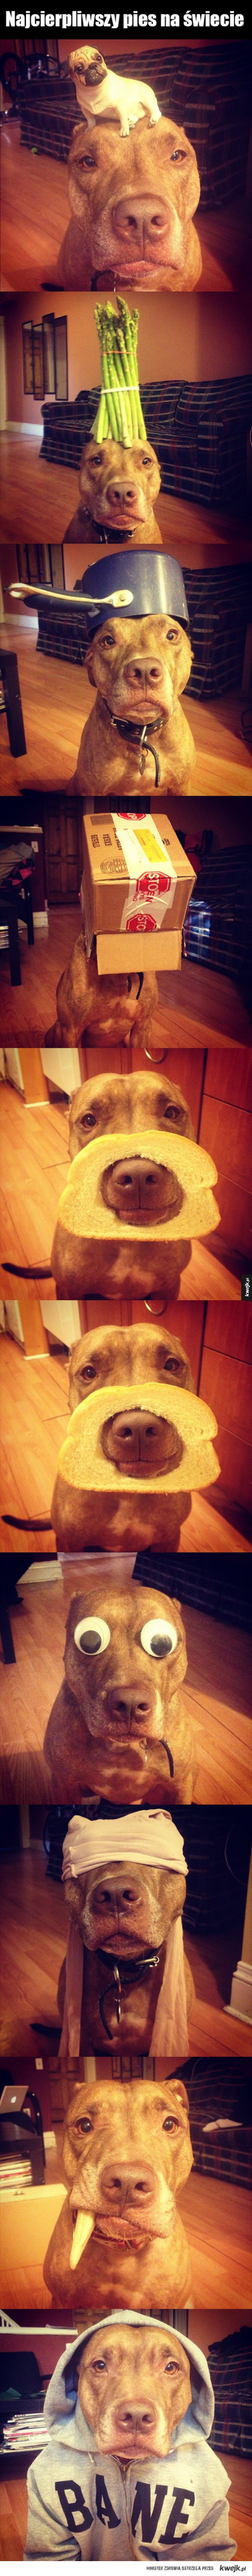 Najcierpliwszy pies na świecie